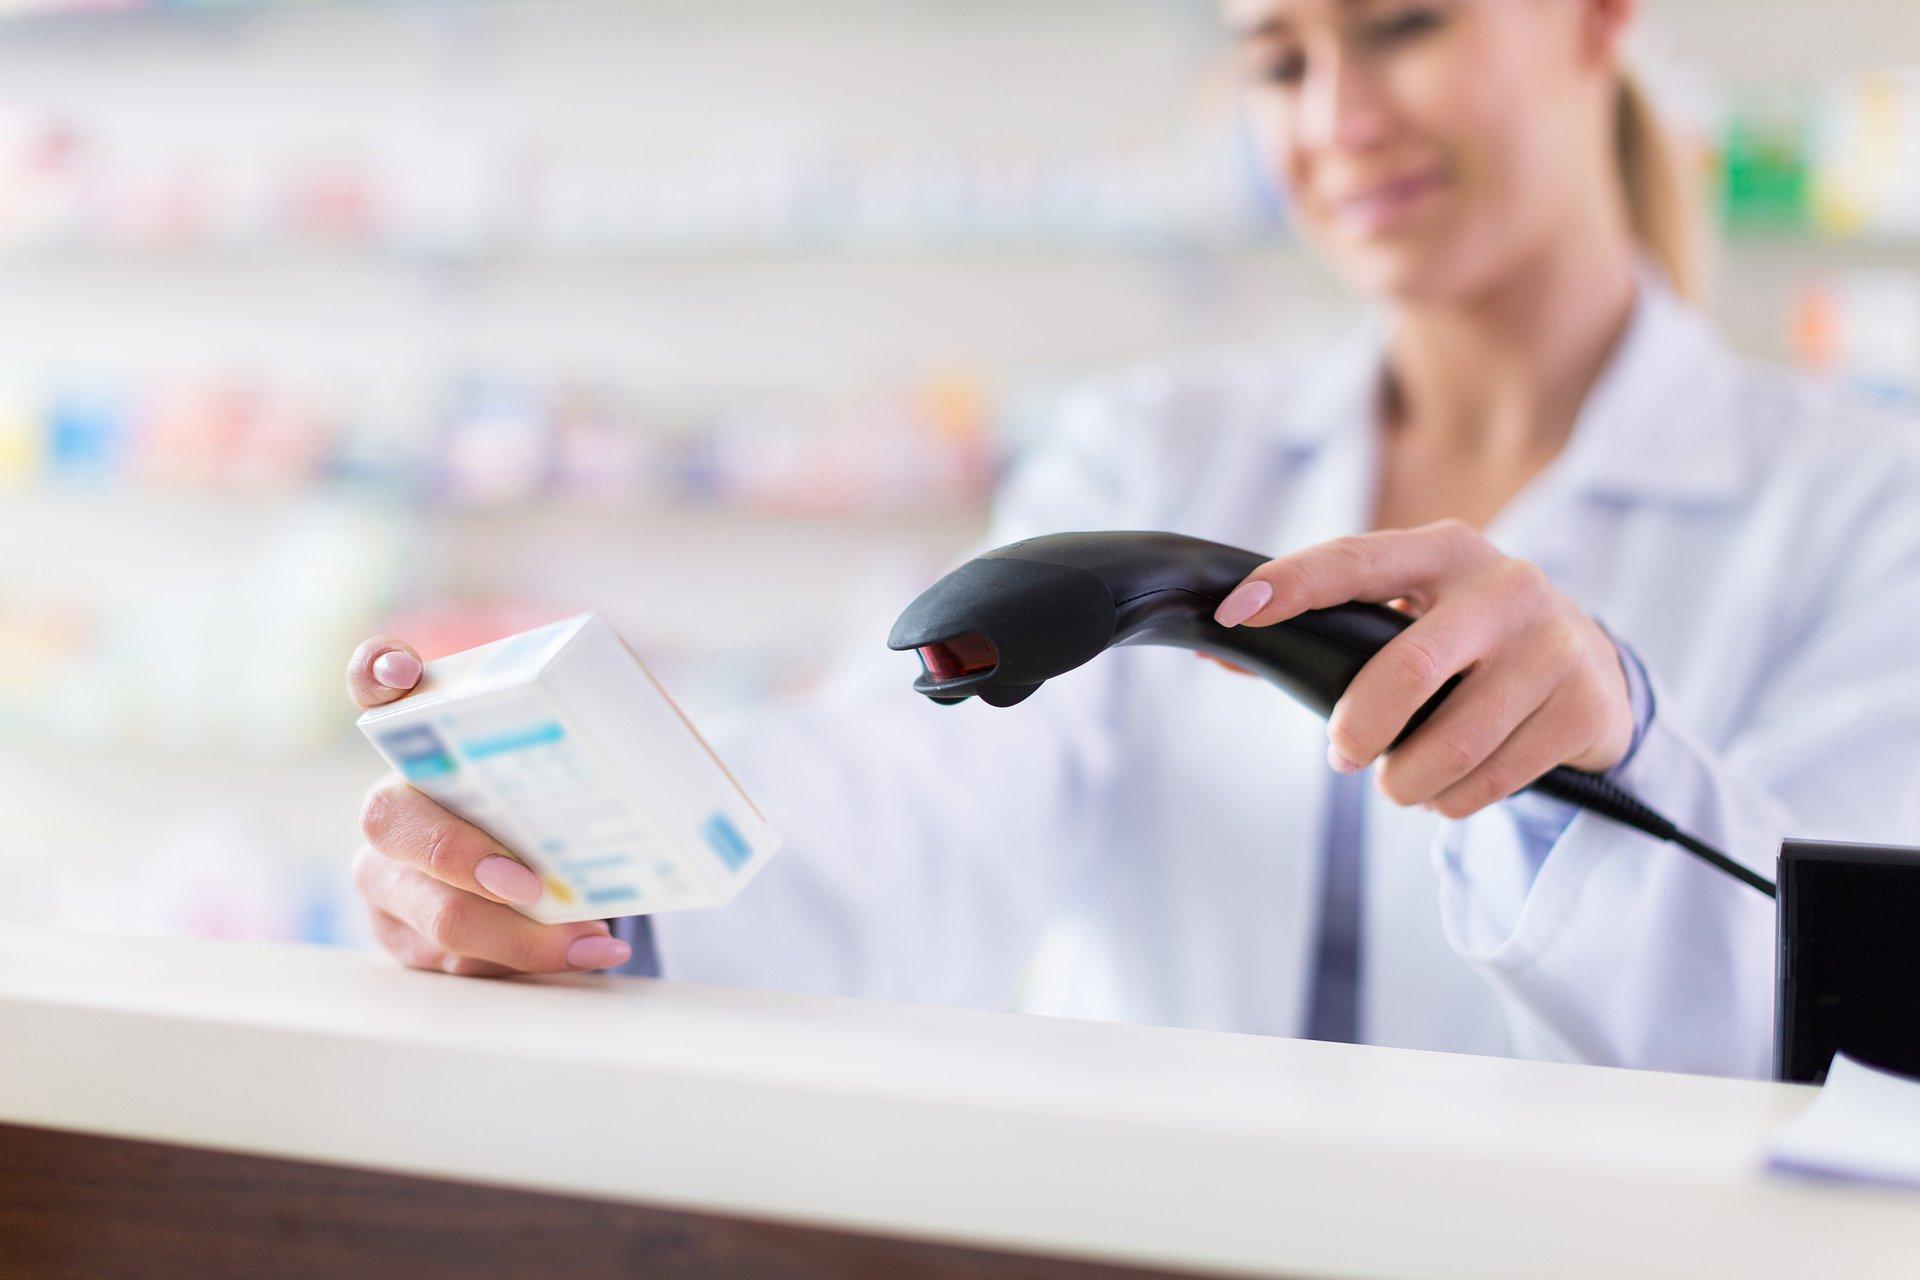 Wzrosty sprzedaży aptecznej w lipcowym podsumowaniu PEX